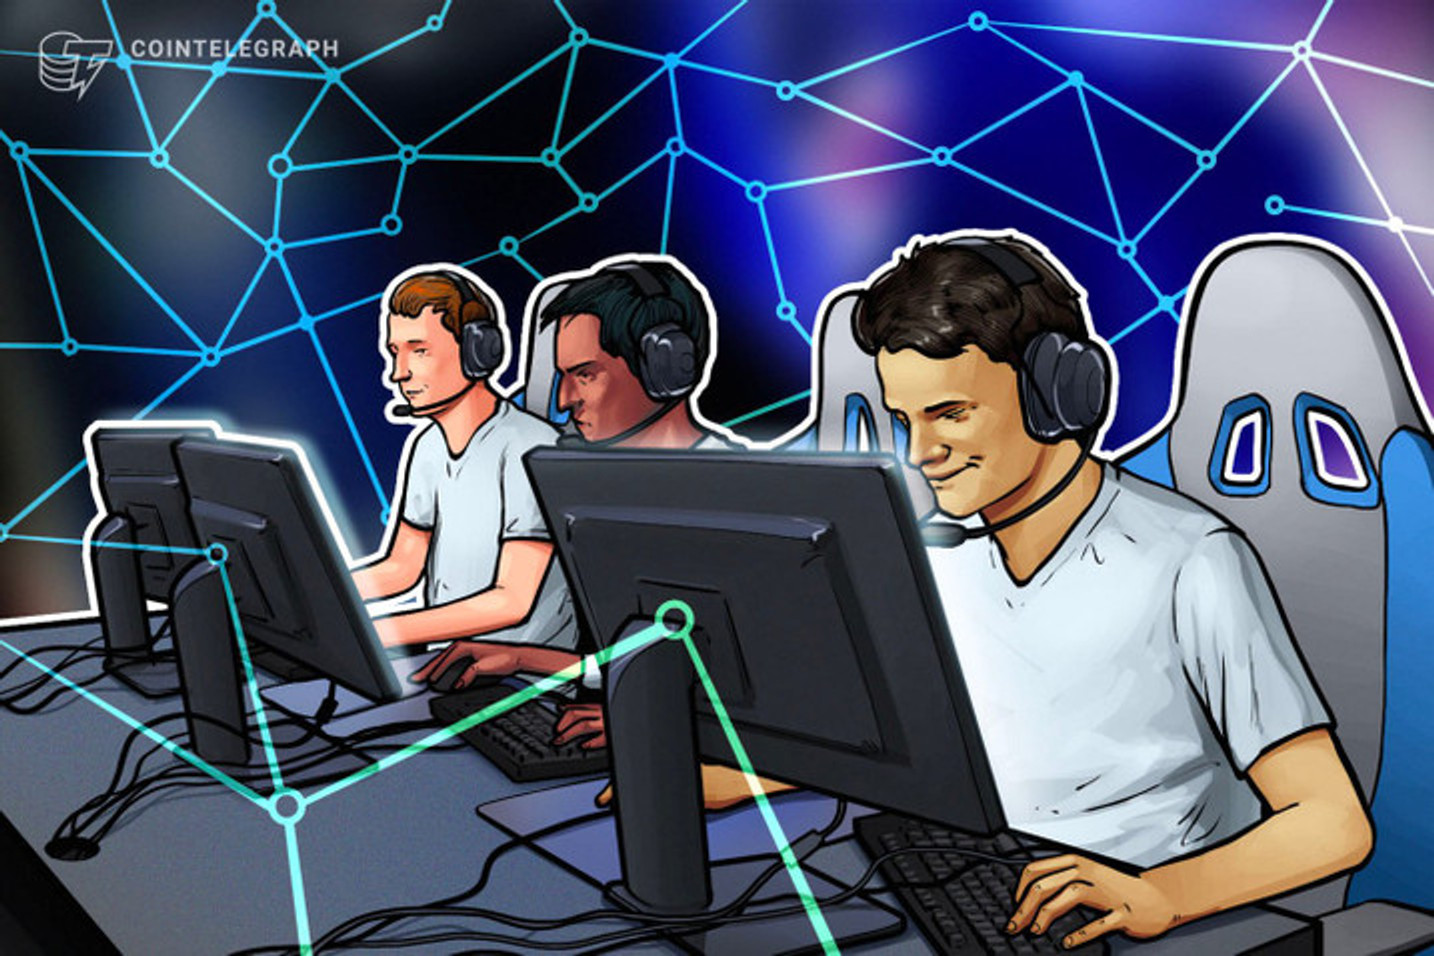 ブロックチェーンゲーム連合トップ、ザ・サンドボックス共同創業者が選出